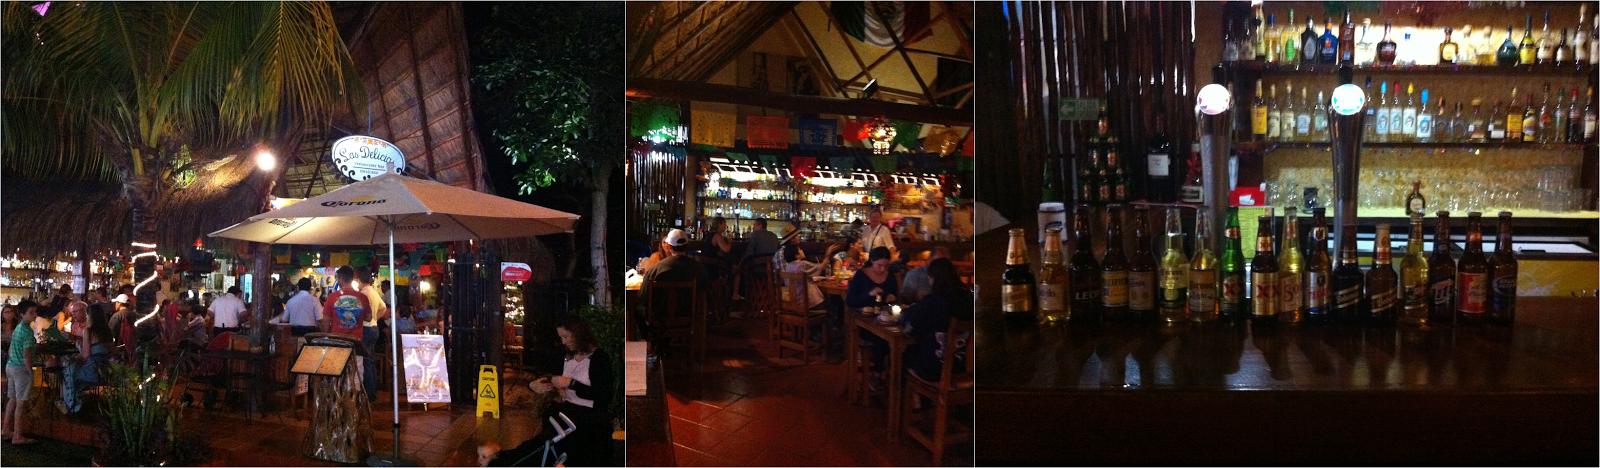 Las Delicias, carne, parrilla, peixe, seafood, nachos, Playa Del Carmen, México, Caribe, playa, cerveja